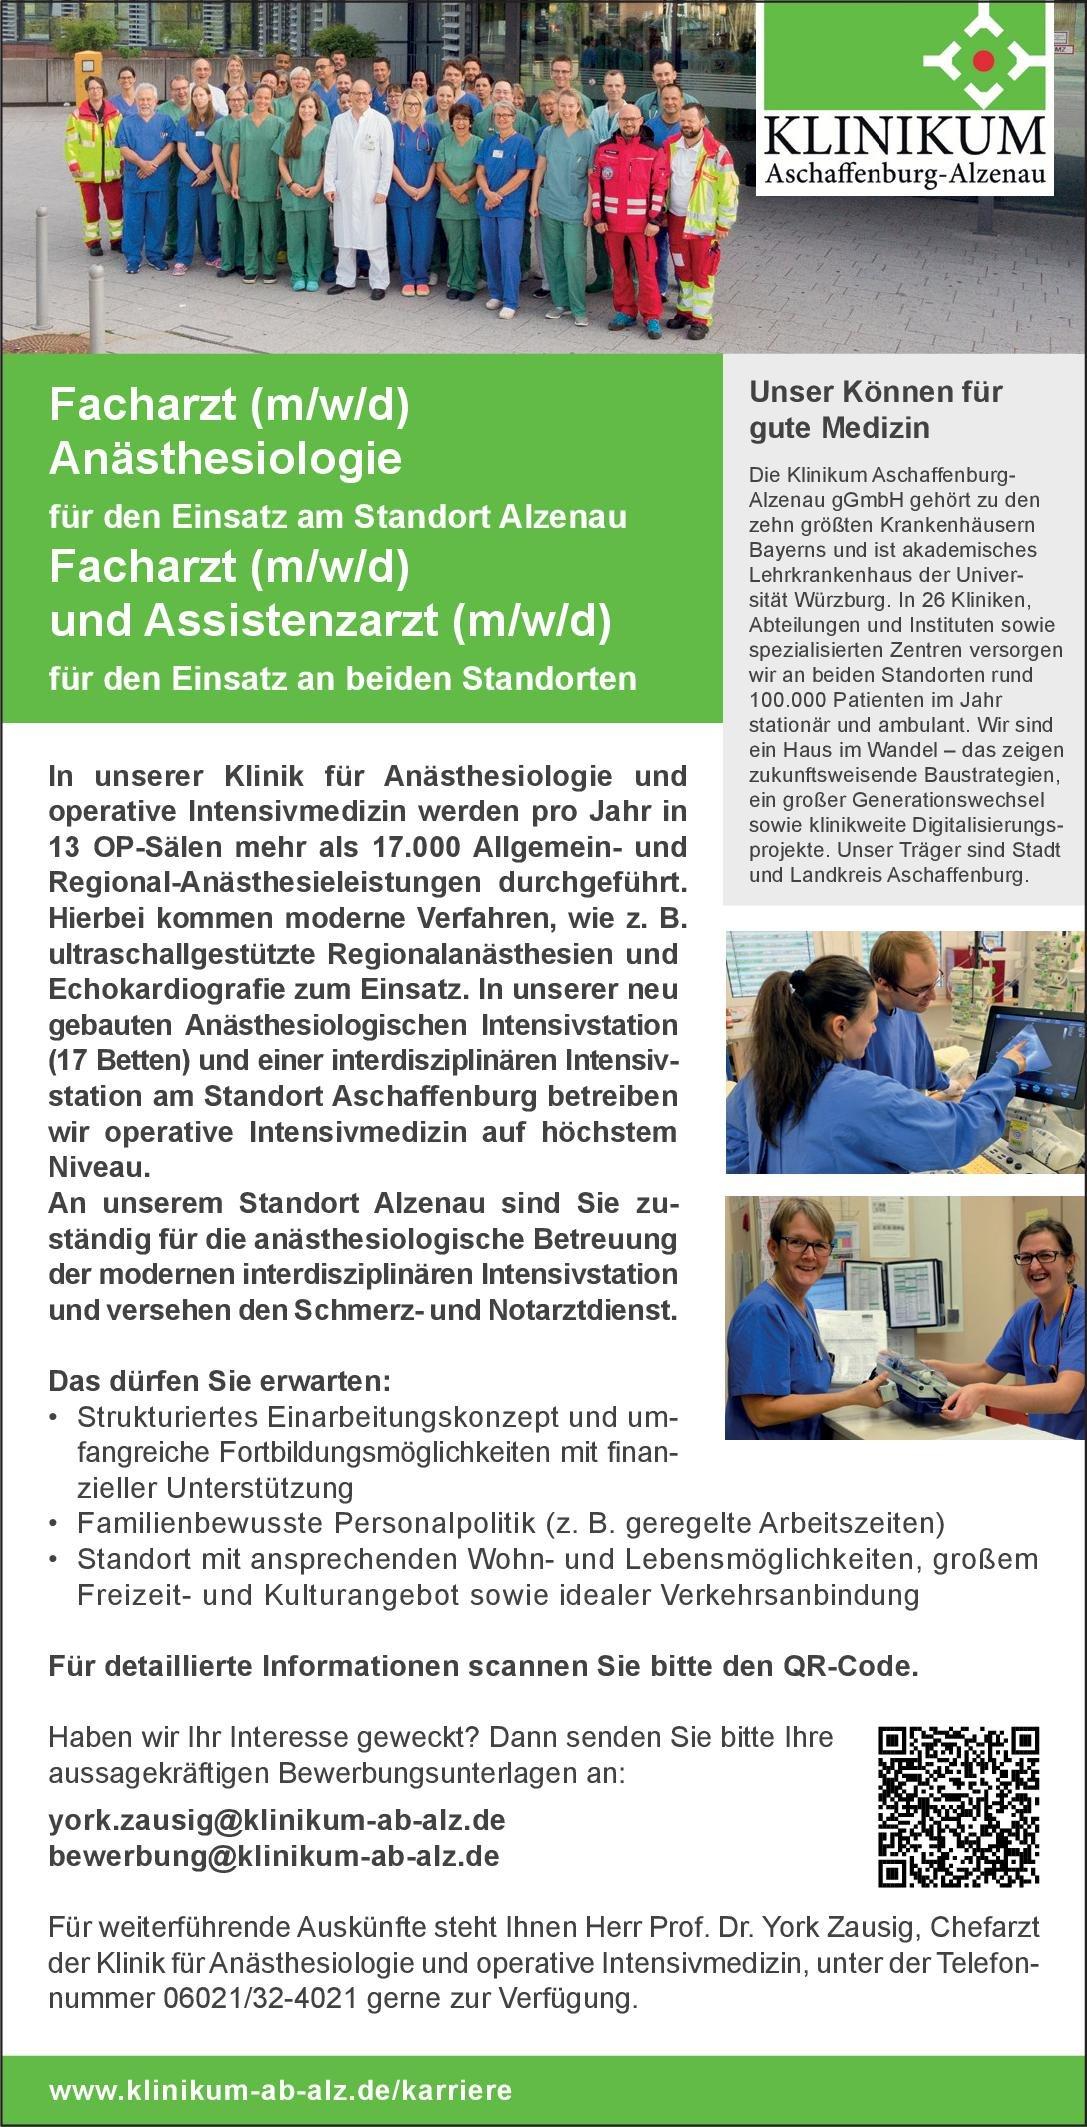 Klinikum Aschaffenburg-Alzenau gGmbH Facharzt (m/w/d) und Assistenzarzt (m/w/d) Anästhesiologie / Intensivmedizin Arzt / Facharzt, Assistenzarzt / Arzt in Weiterbildung